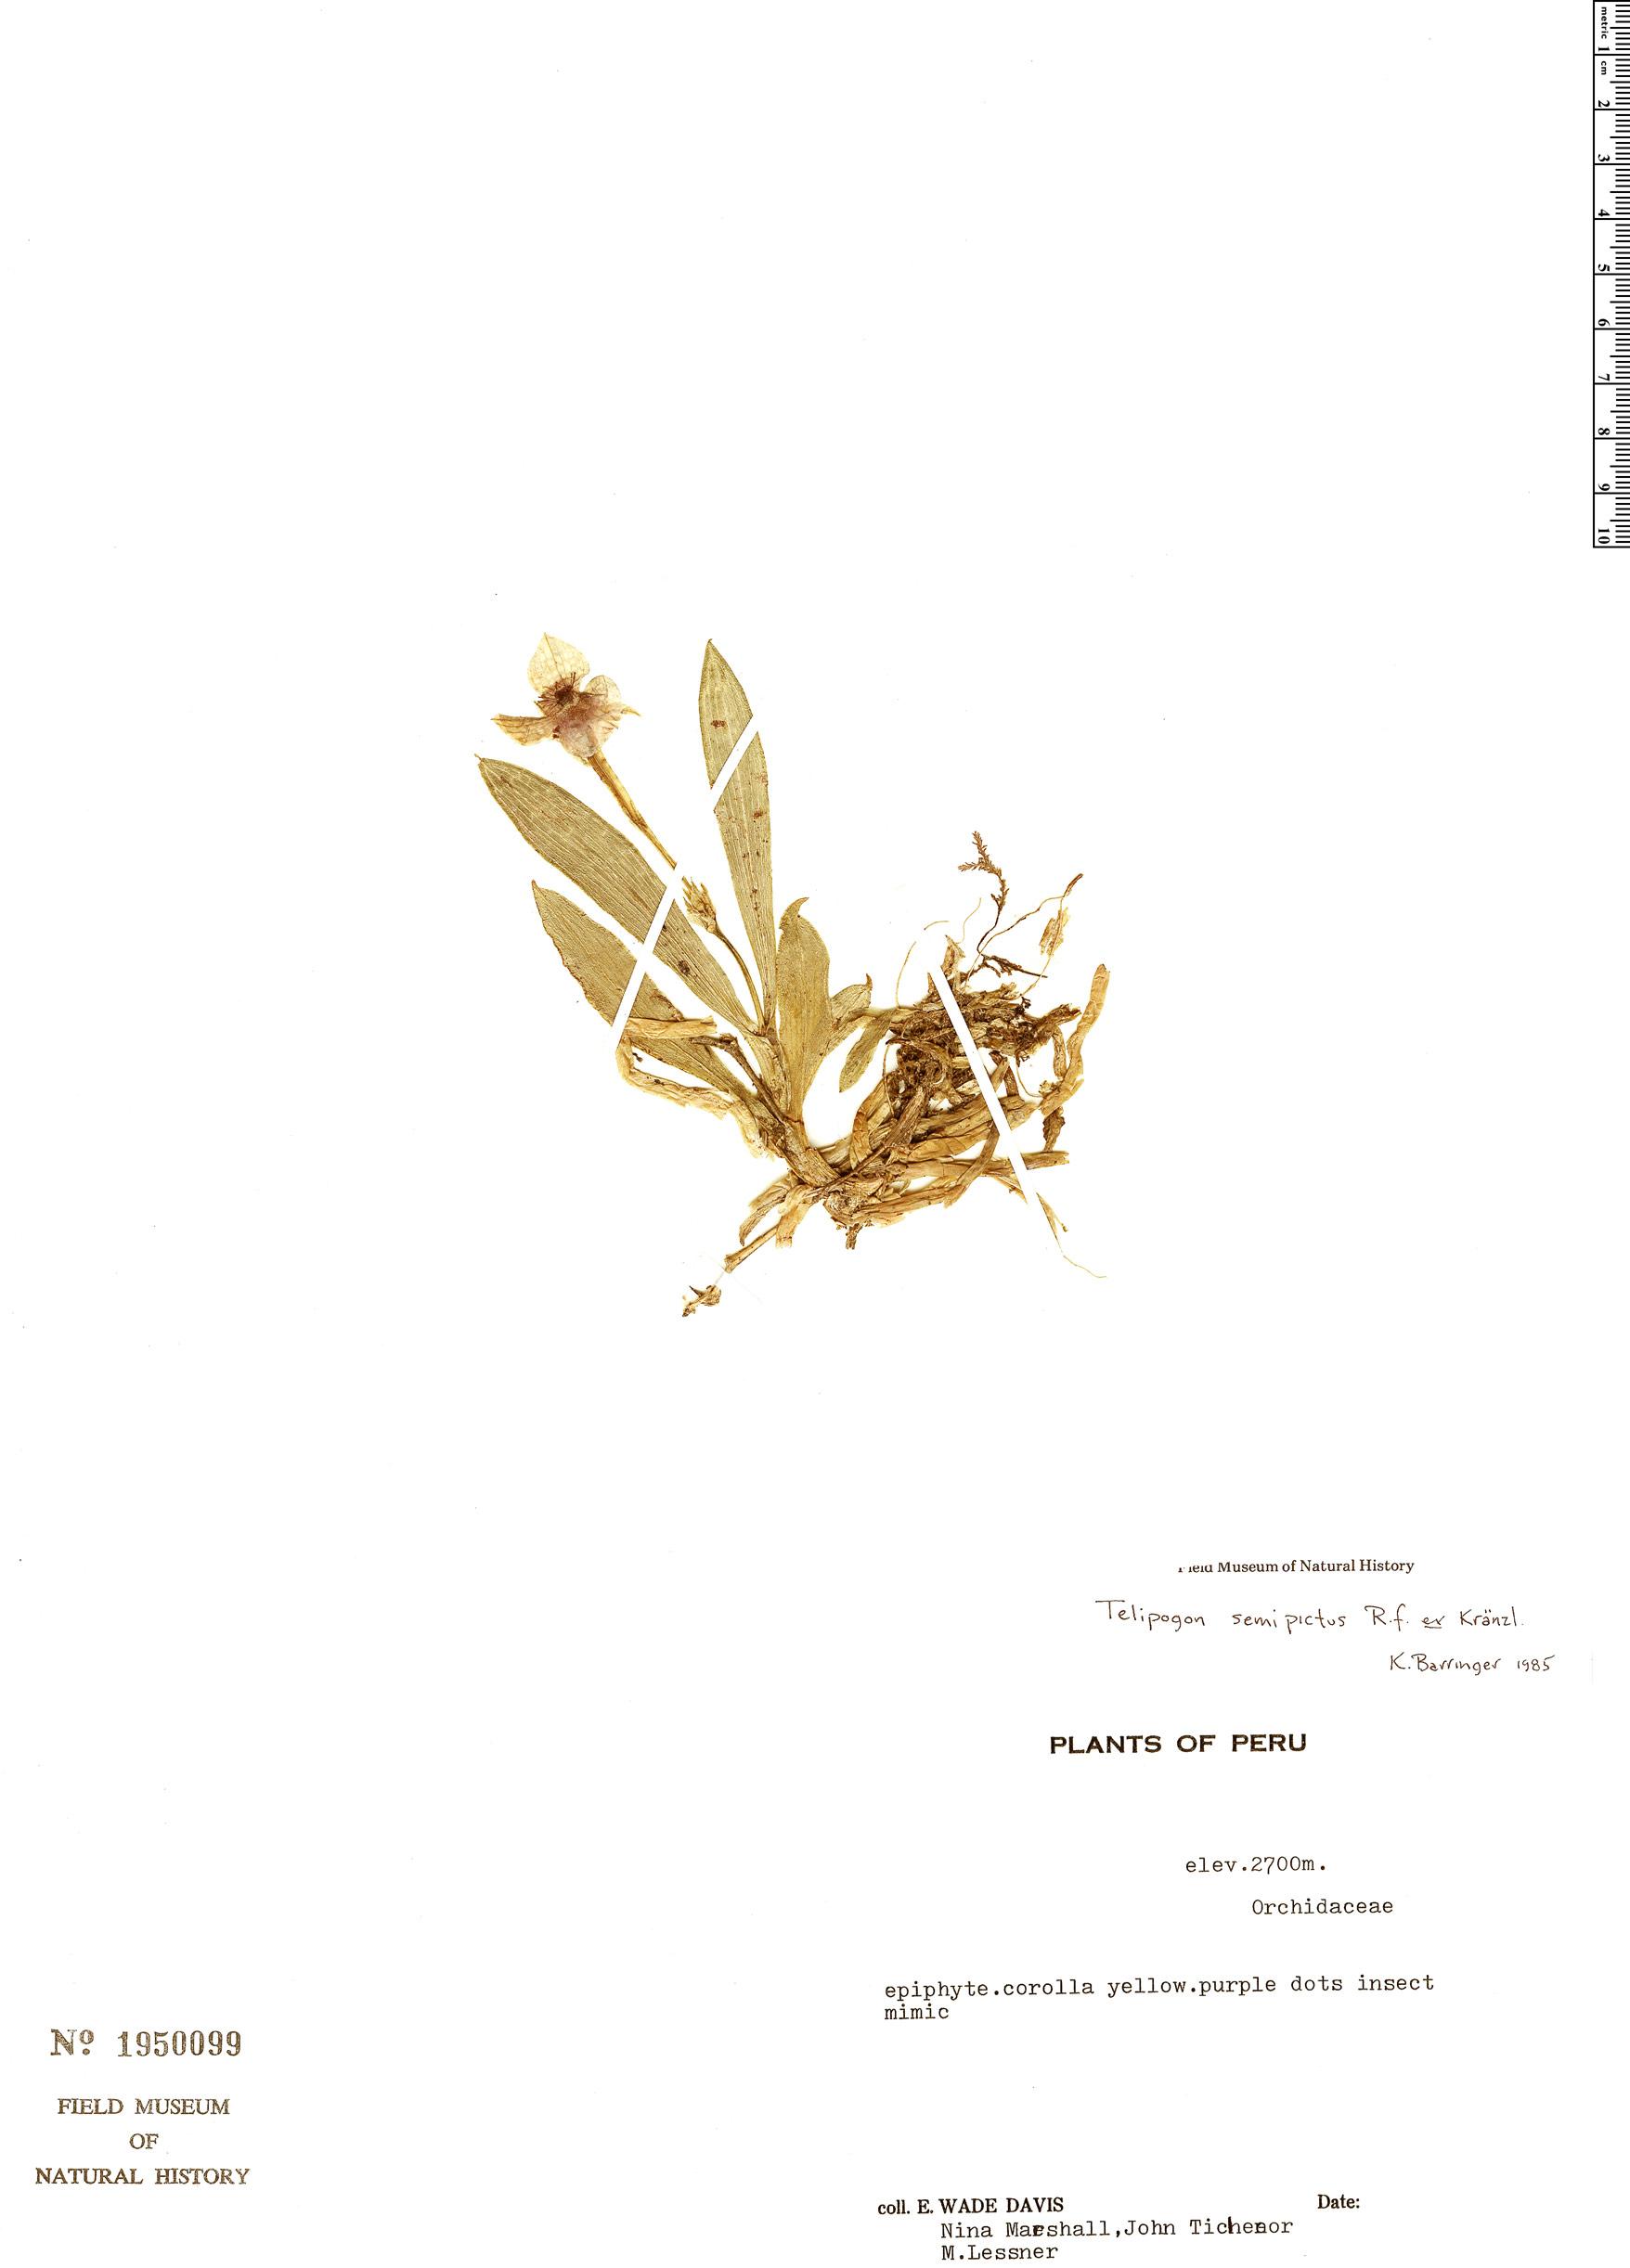 Specimen: Telipogon semipictus